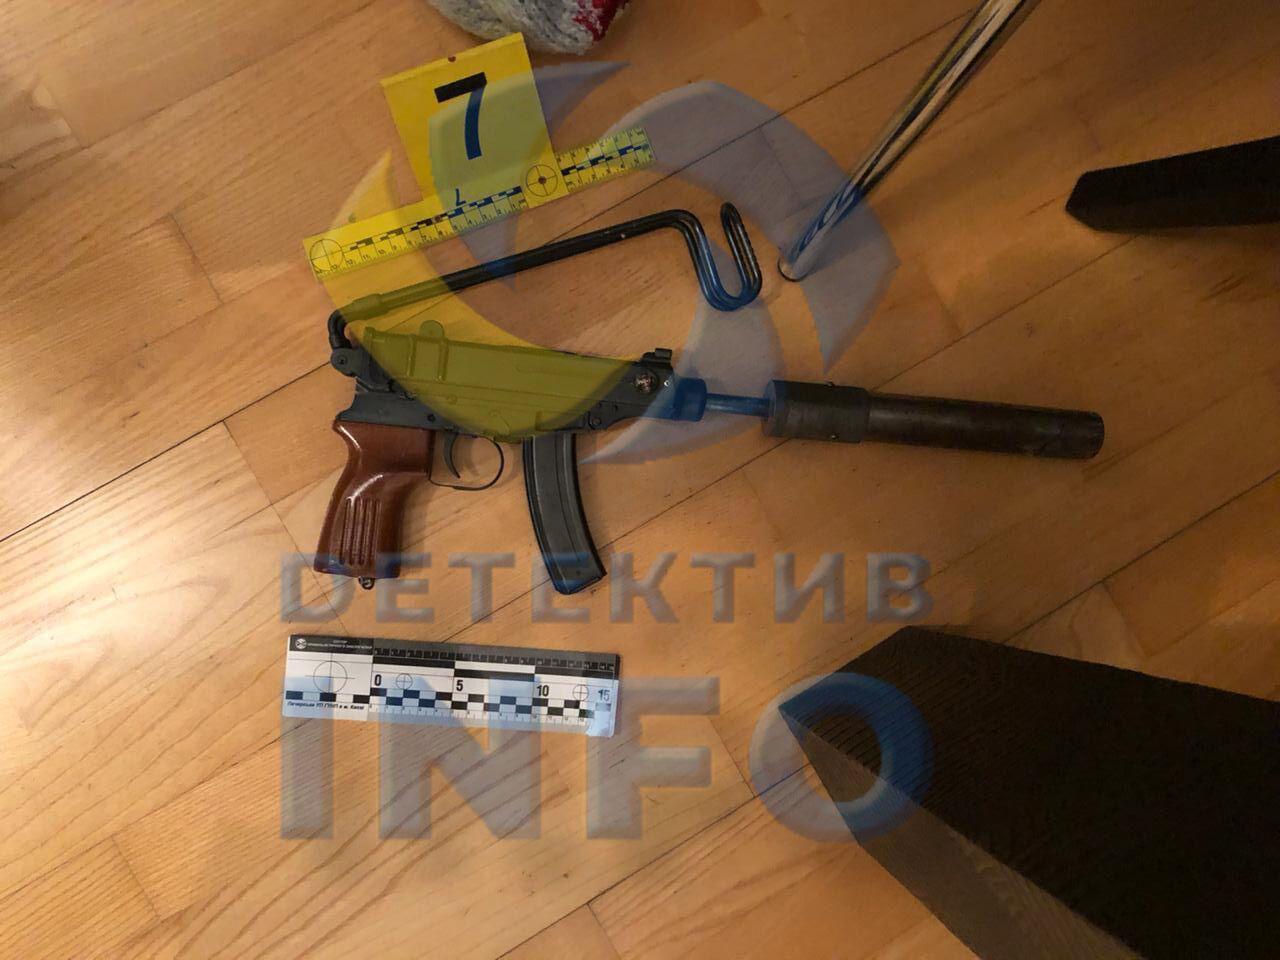 Оружие, из которого якобы застрелился бизнесмен-уголовник